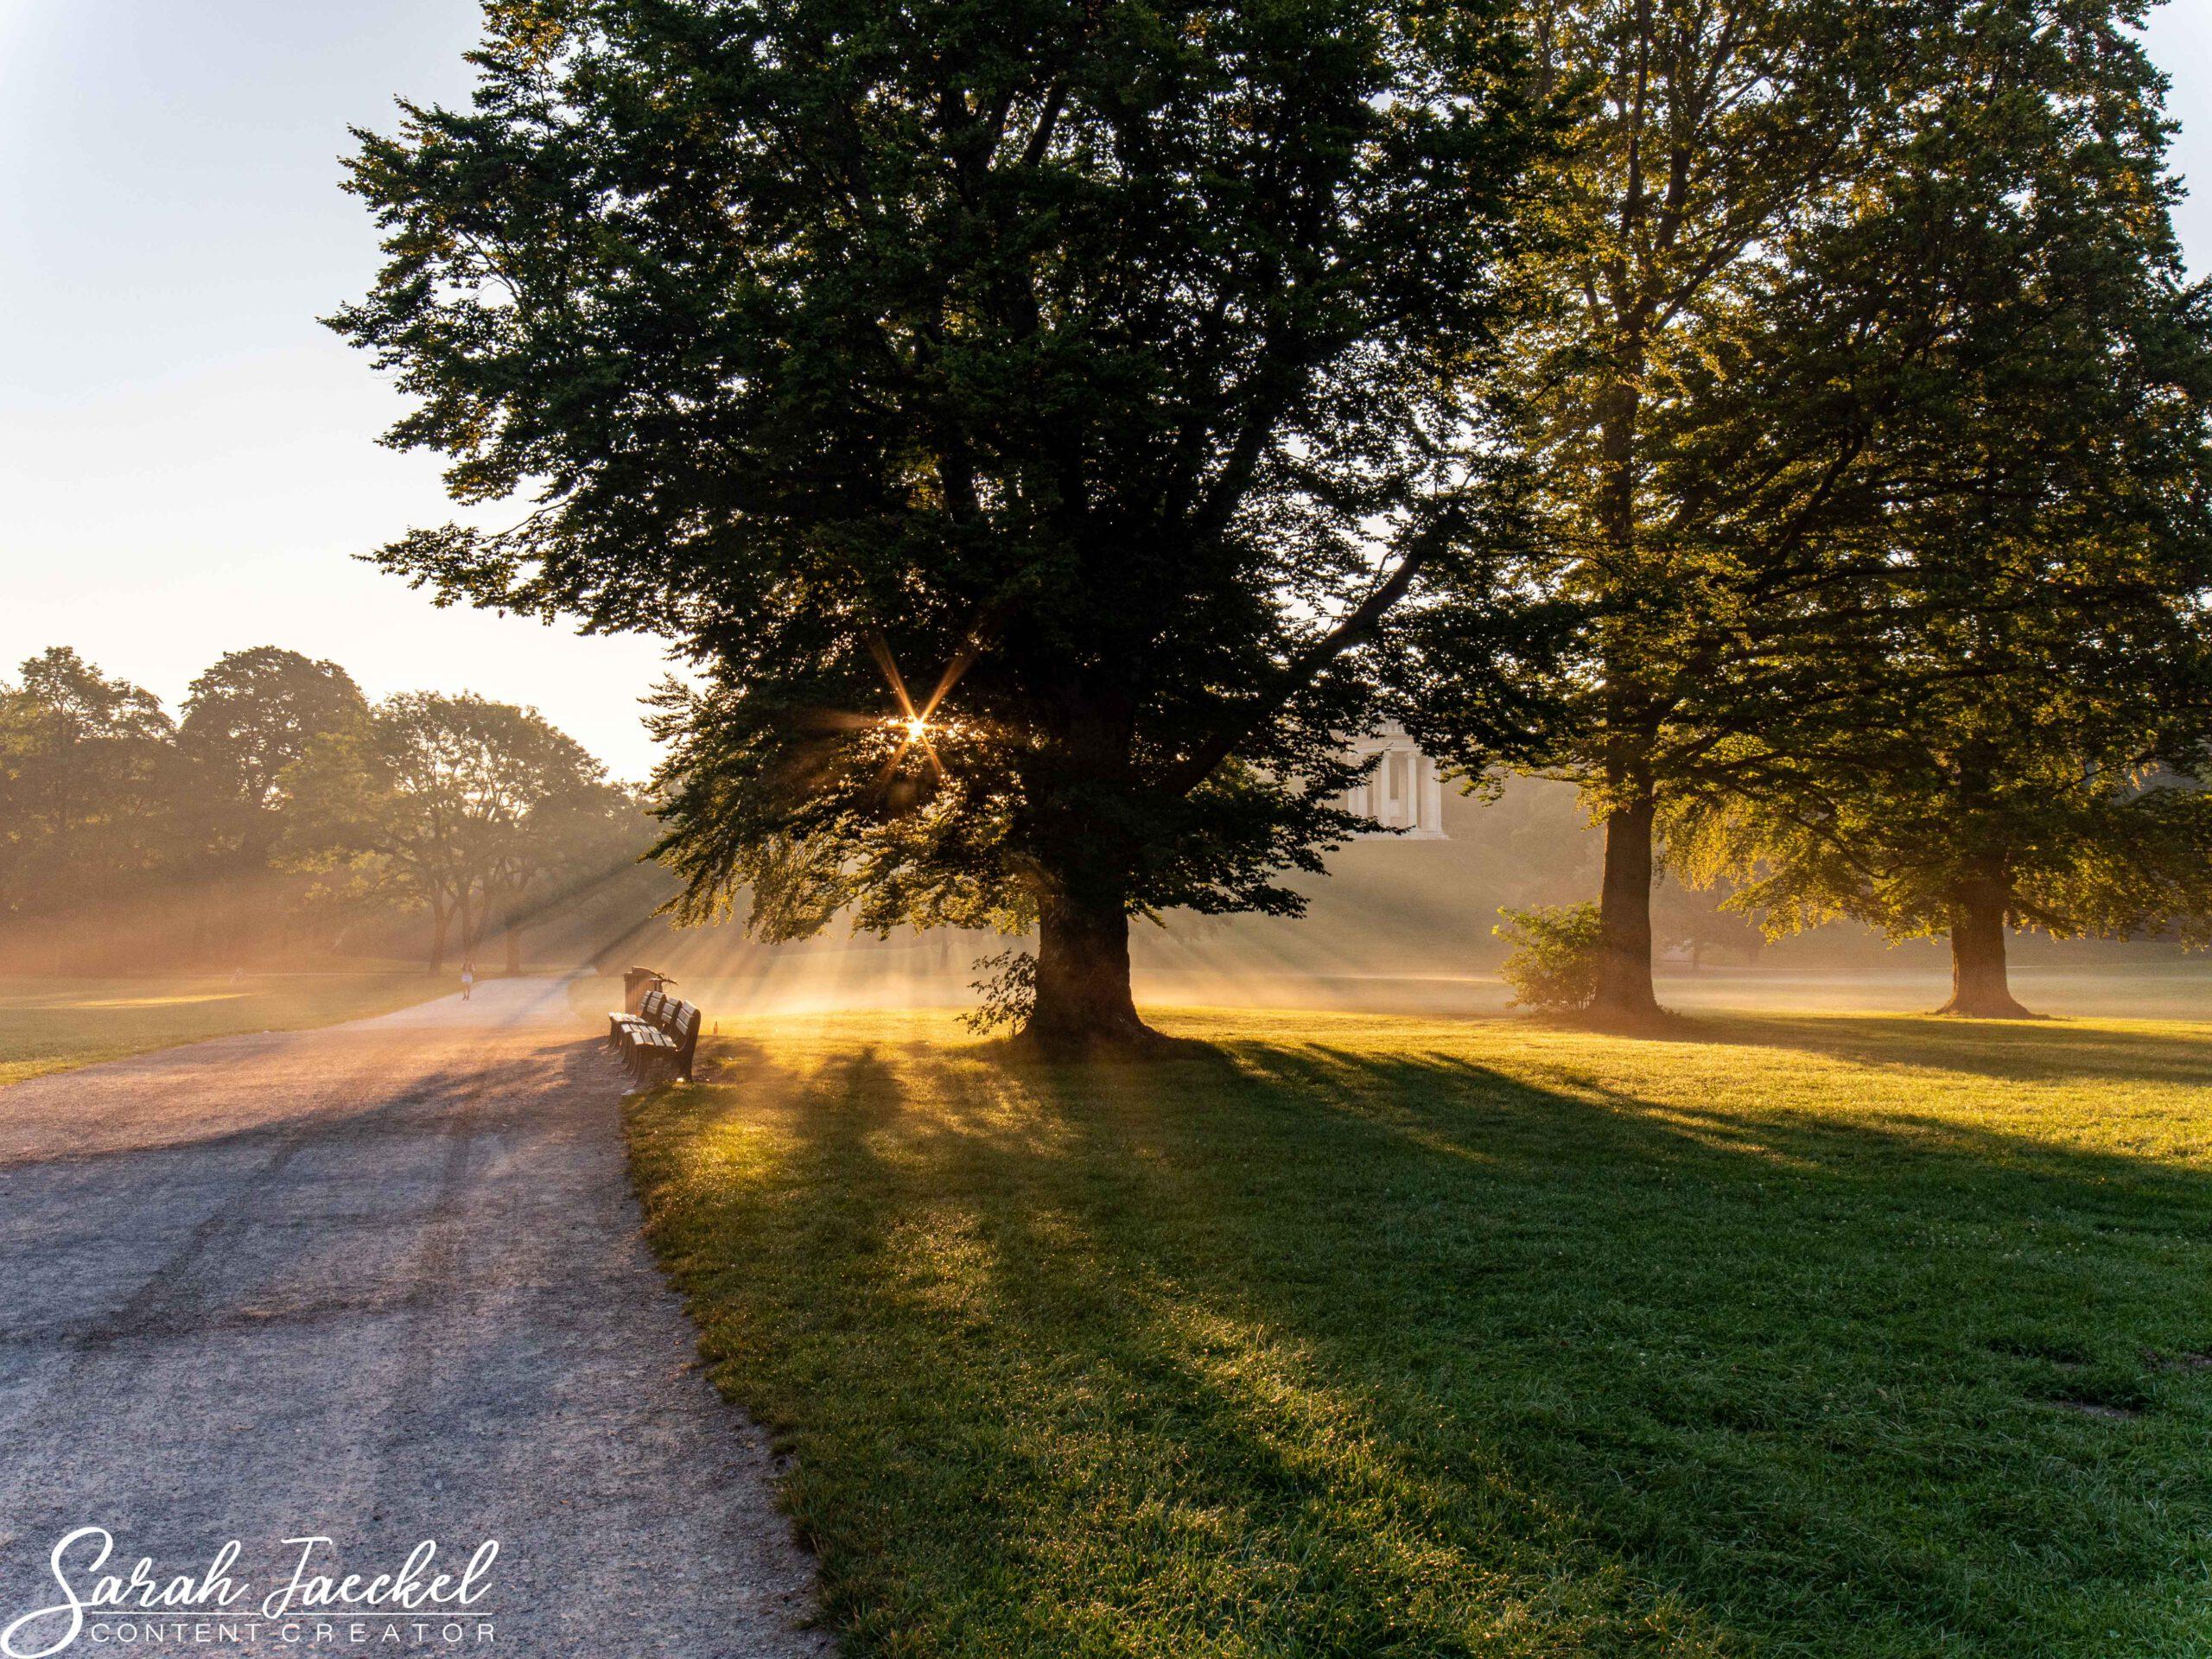 Englischer Garten sunrise in Munich